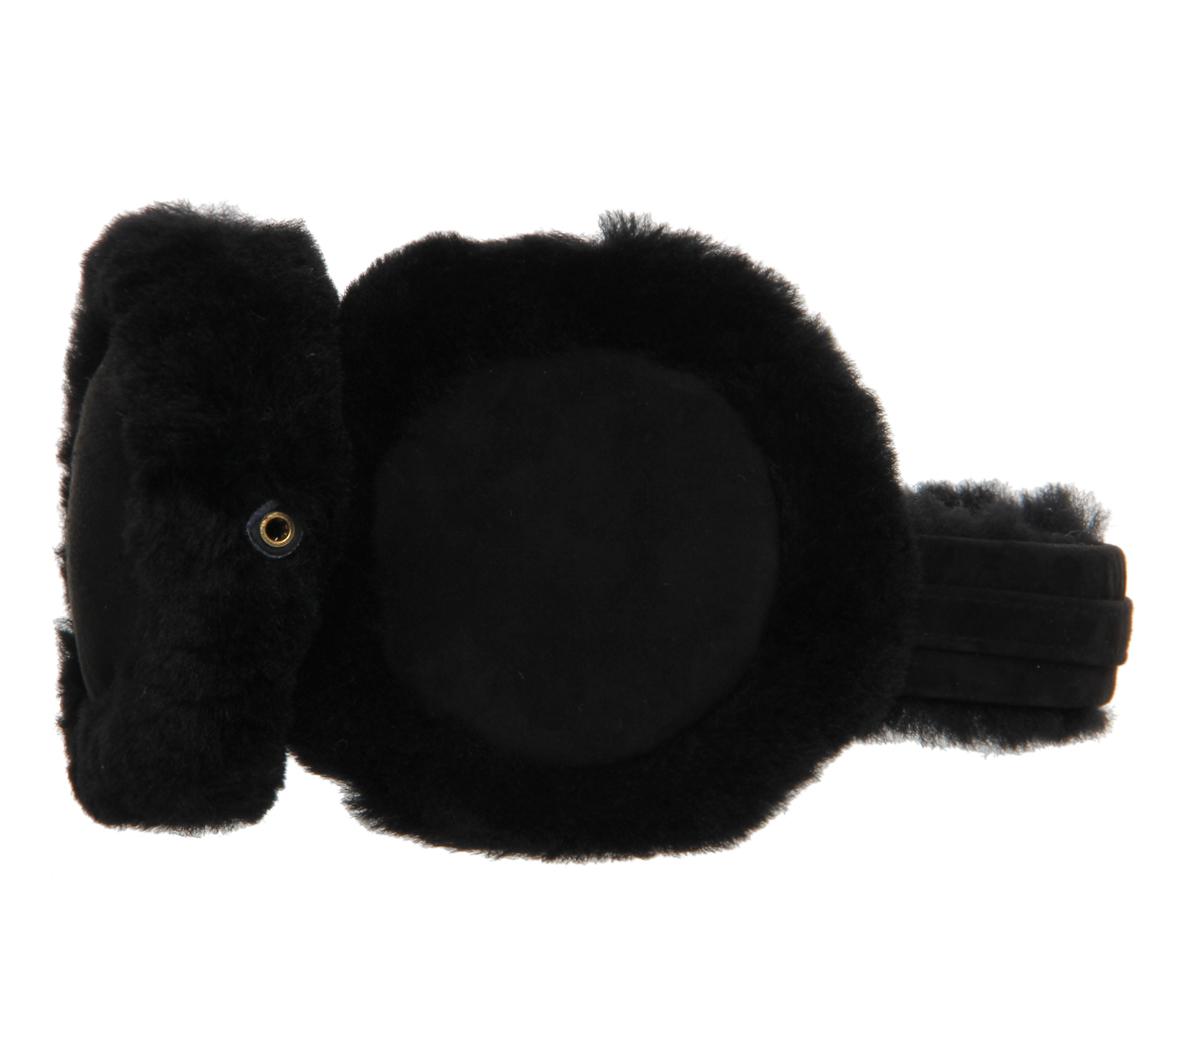 Unisex Foldable Ear Warmers Polar Fleece/kints Winter EarMuffs